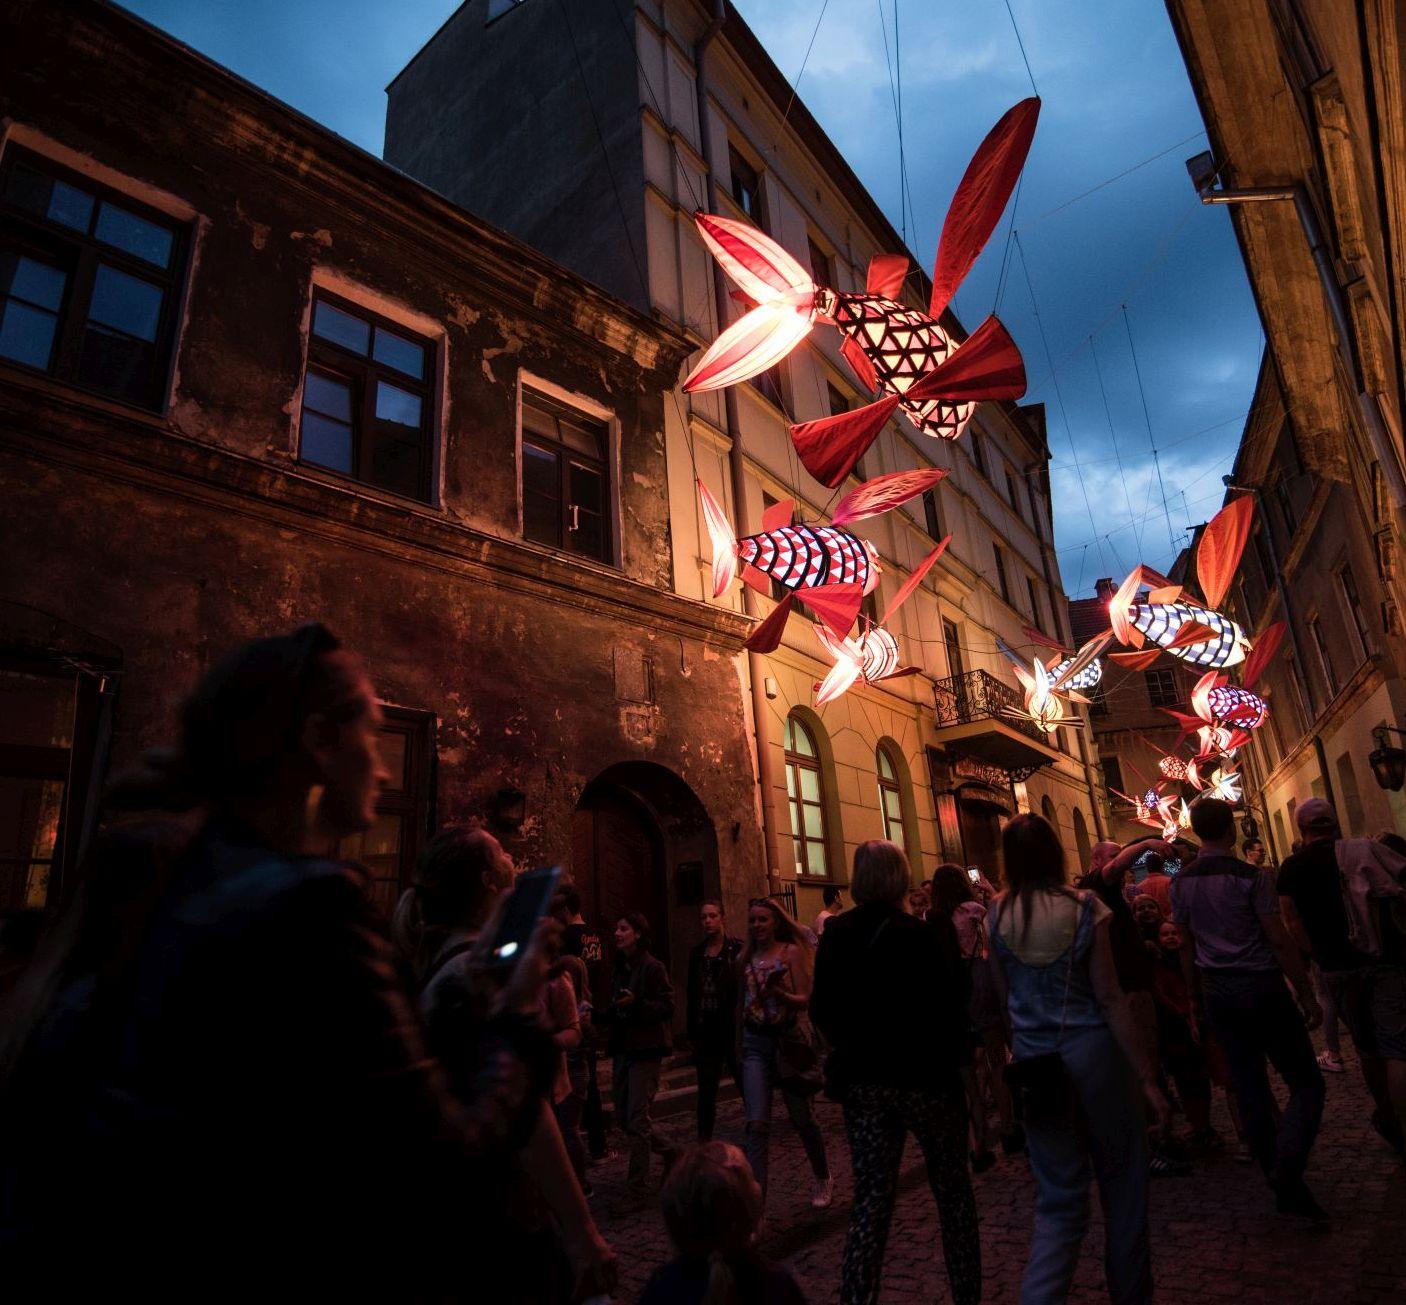 tłum na ulicy Starego Miasta w Lublinie. ponad głowami spacerujących zawieszone duze kolorowe, podświetlone ryby